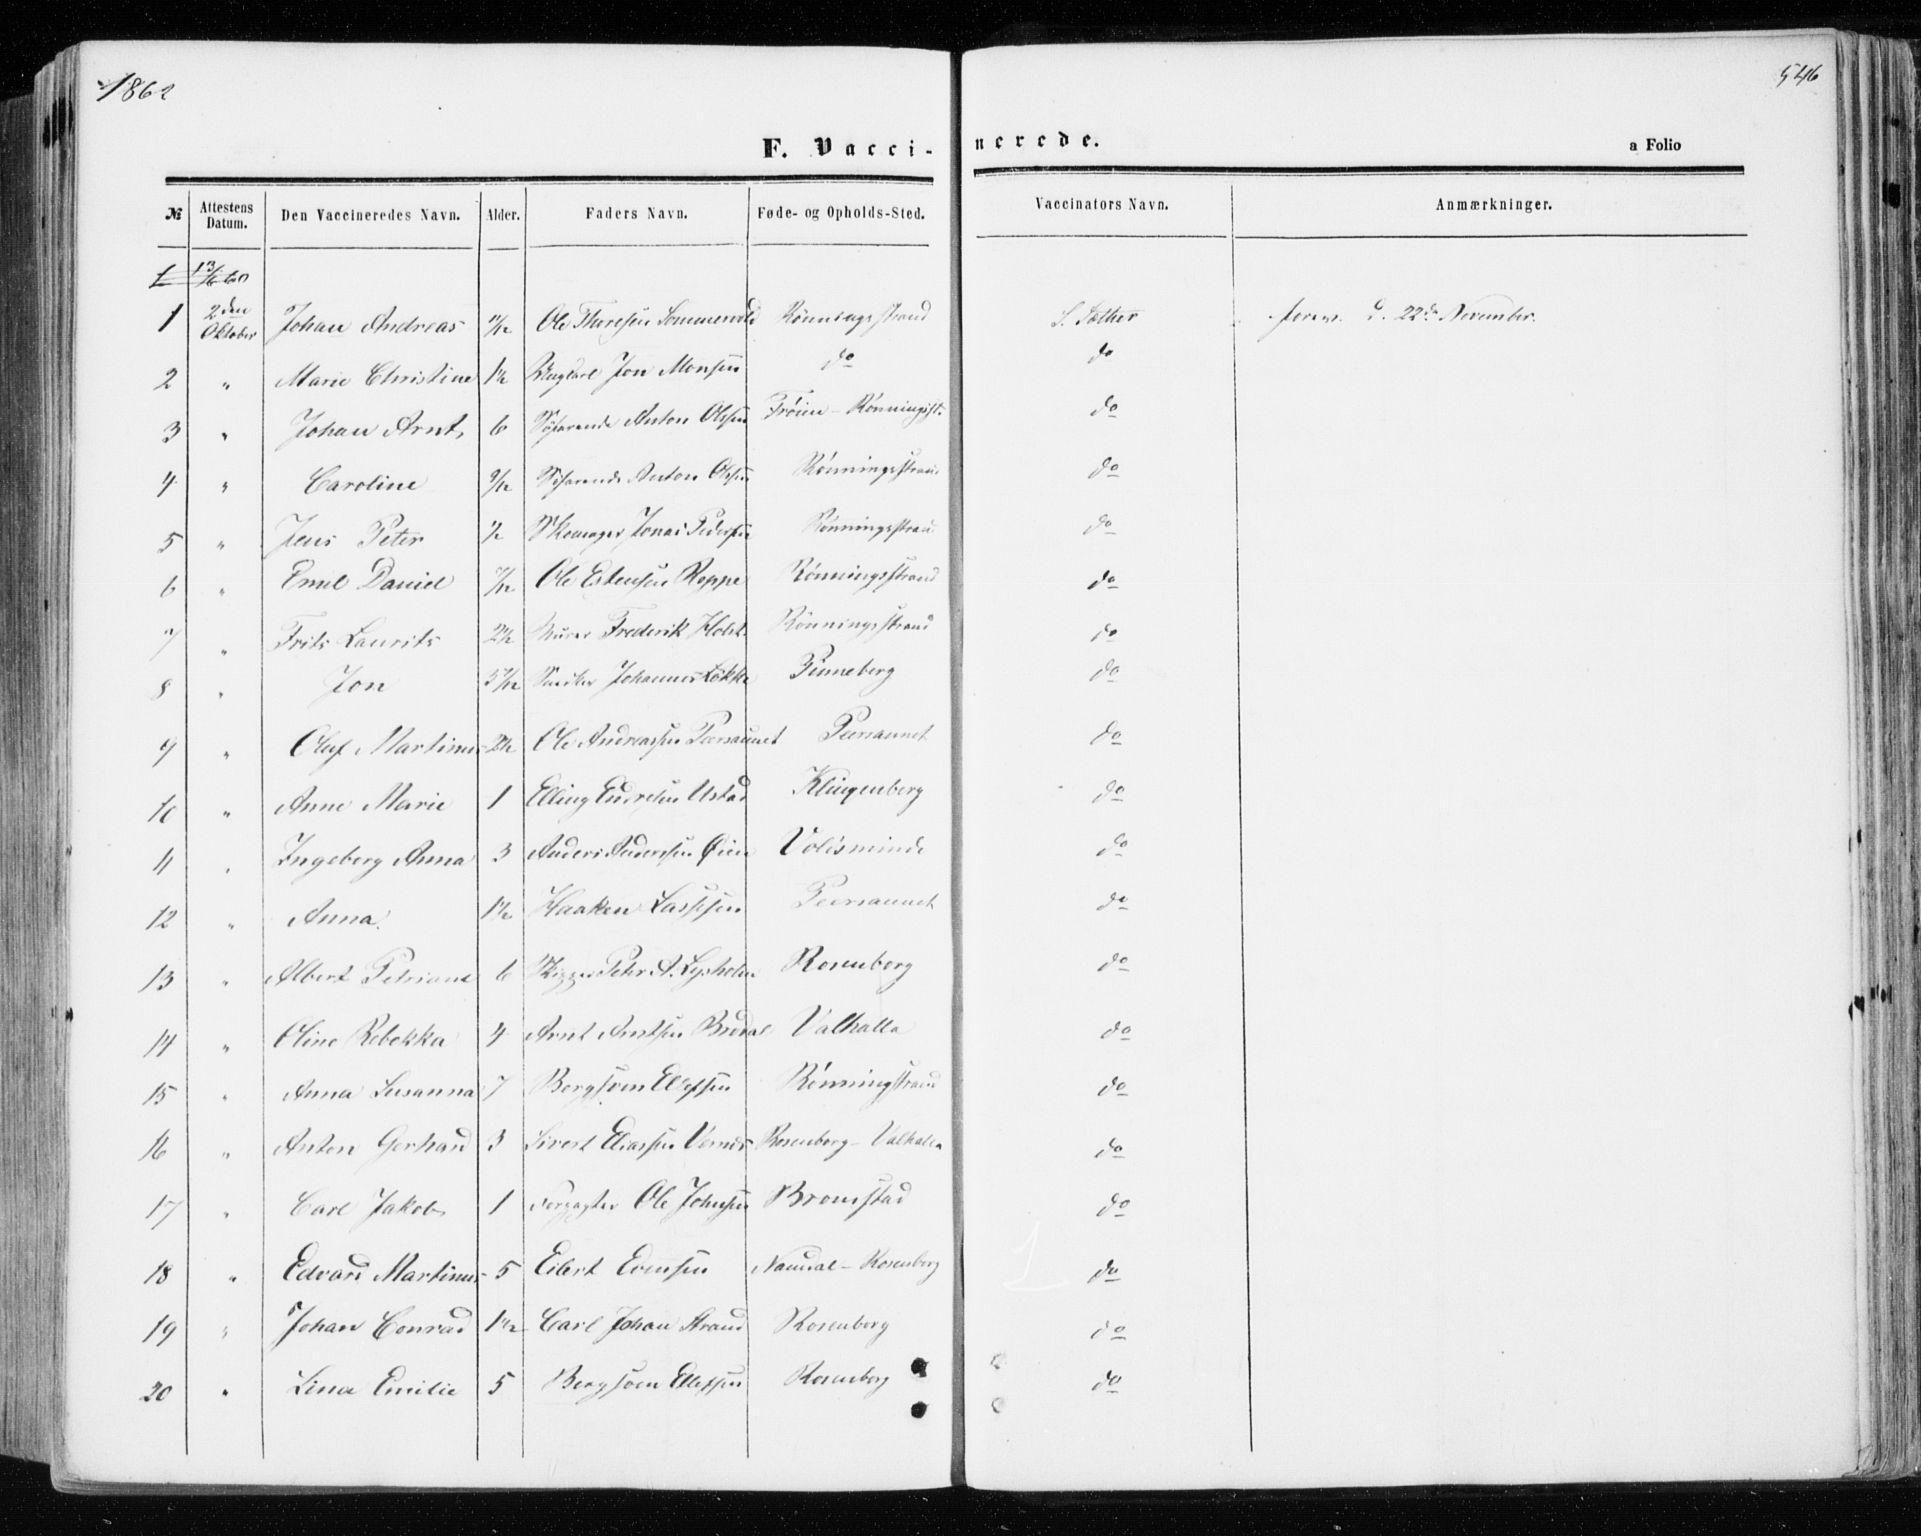 SAT, Ministerialprotokoller, klokkerbøker og fødselsregistre - Sør-Trøndelag, 606/L0292: Ministerialbok nr. 606A07, 1856-1865, s. 546